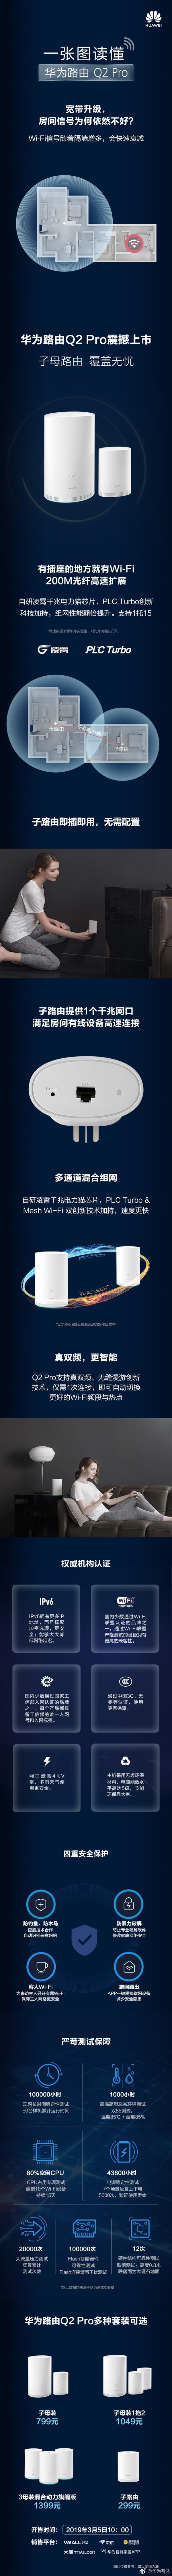 华为路由器Q2 Pro首发,房屋再大都不会影响网络质量